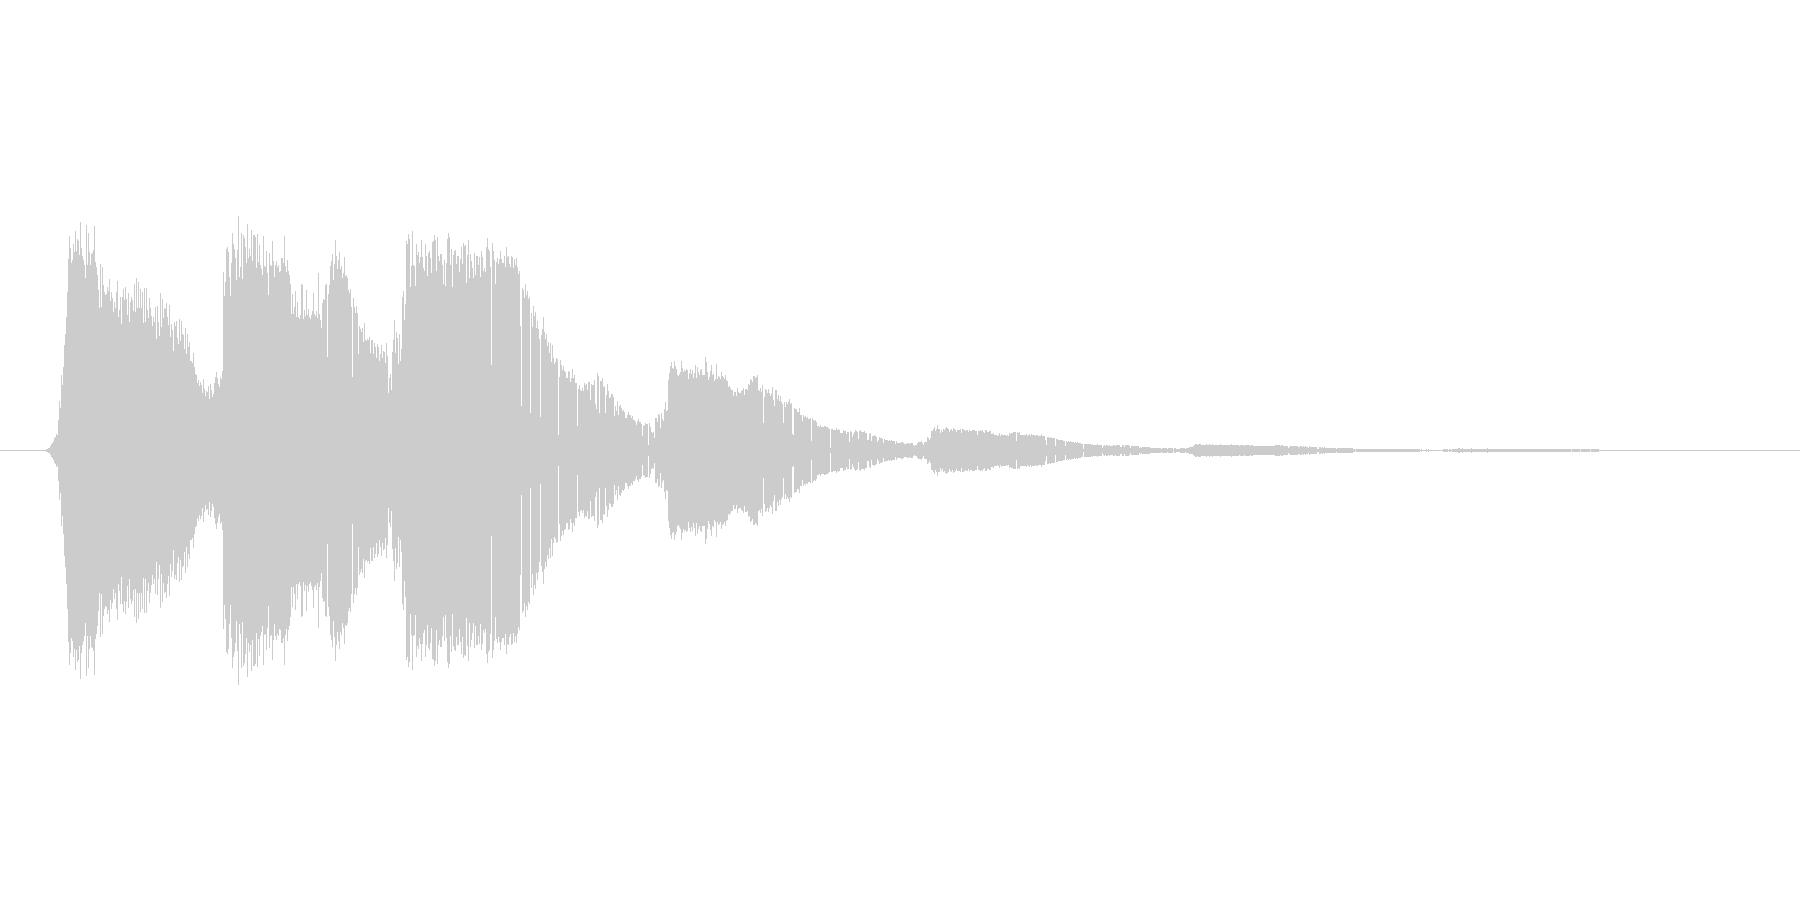 ファミコン風効果音 キャンセル系 04の未再生の波形